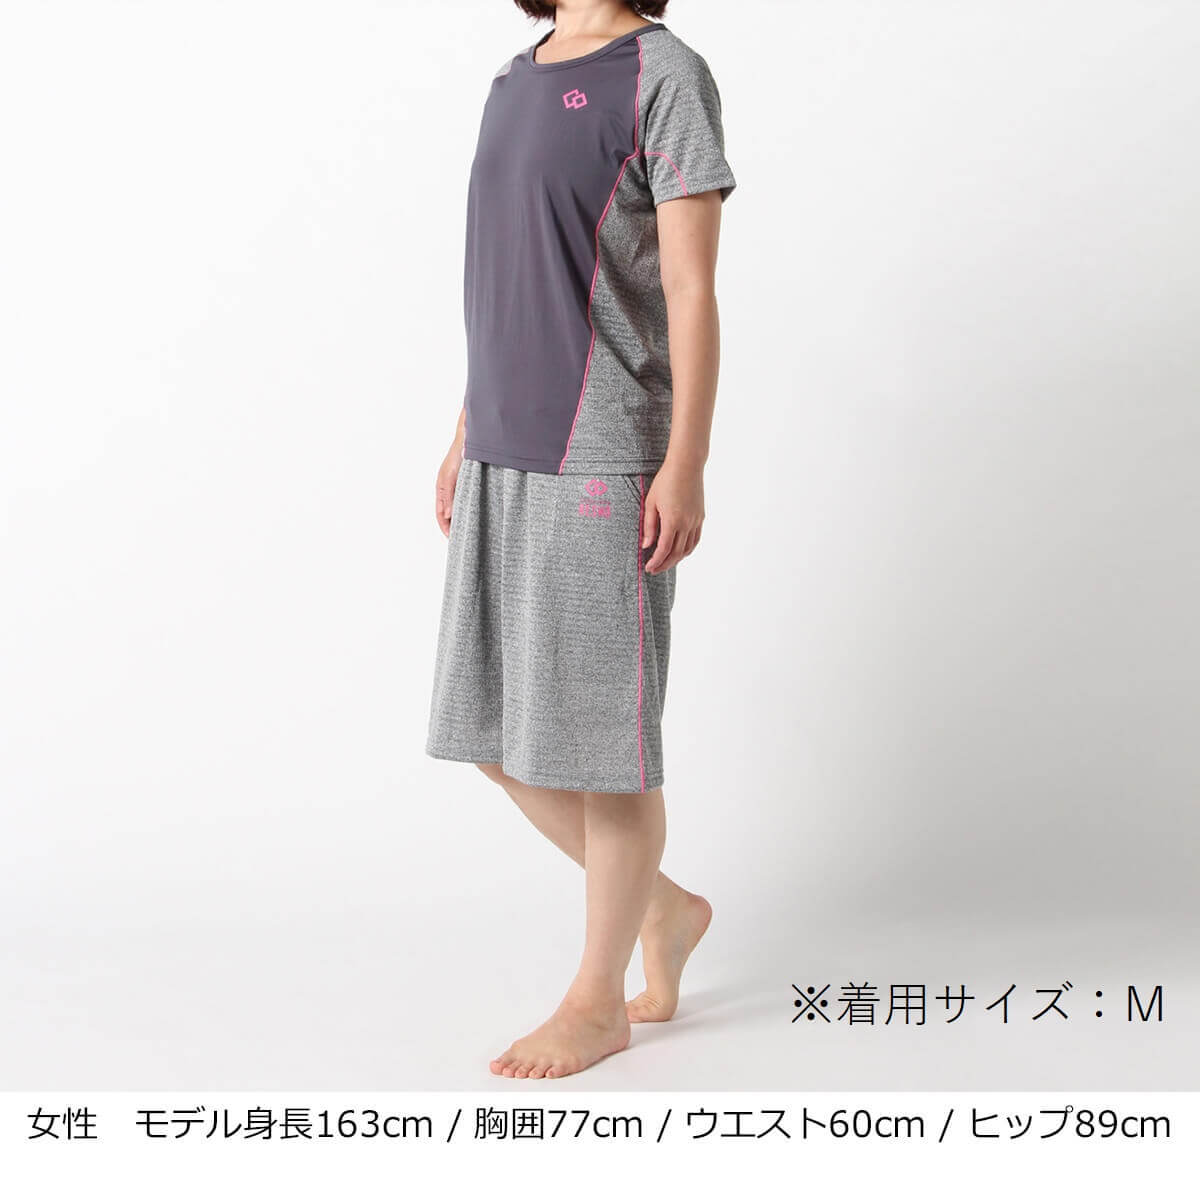 ※着用サイズ:M